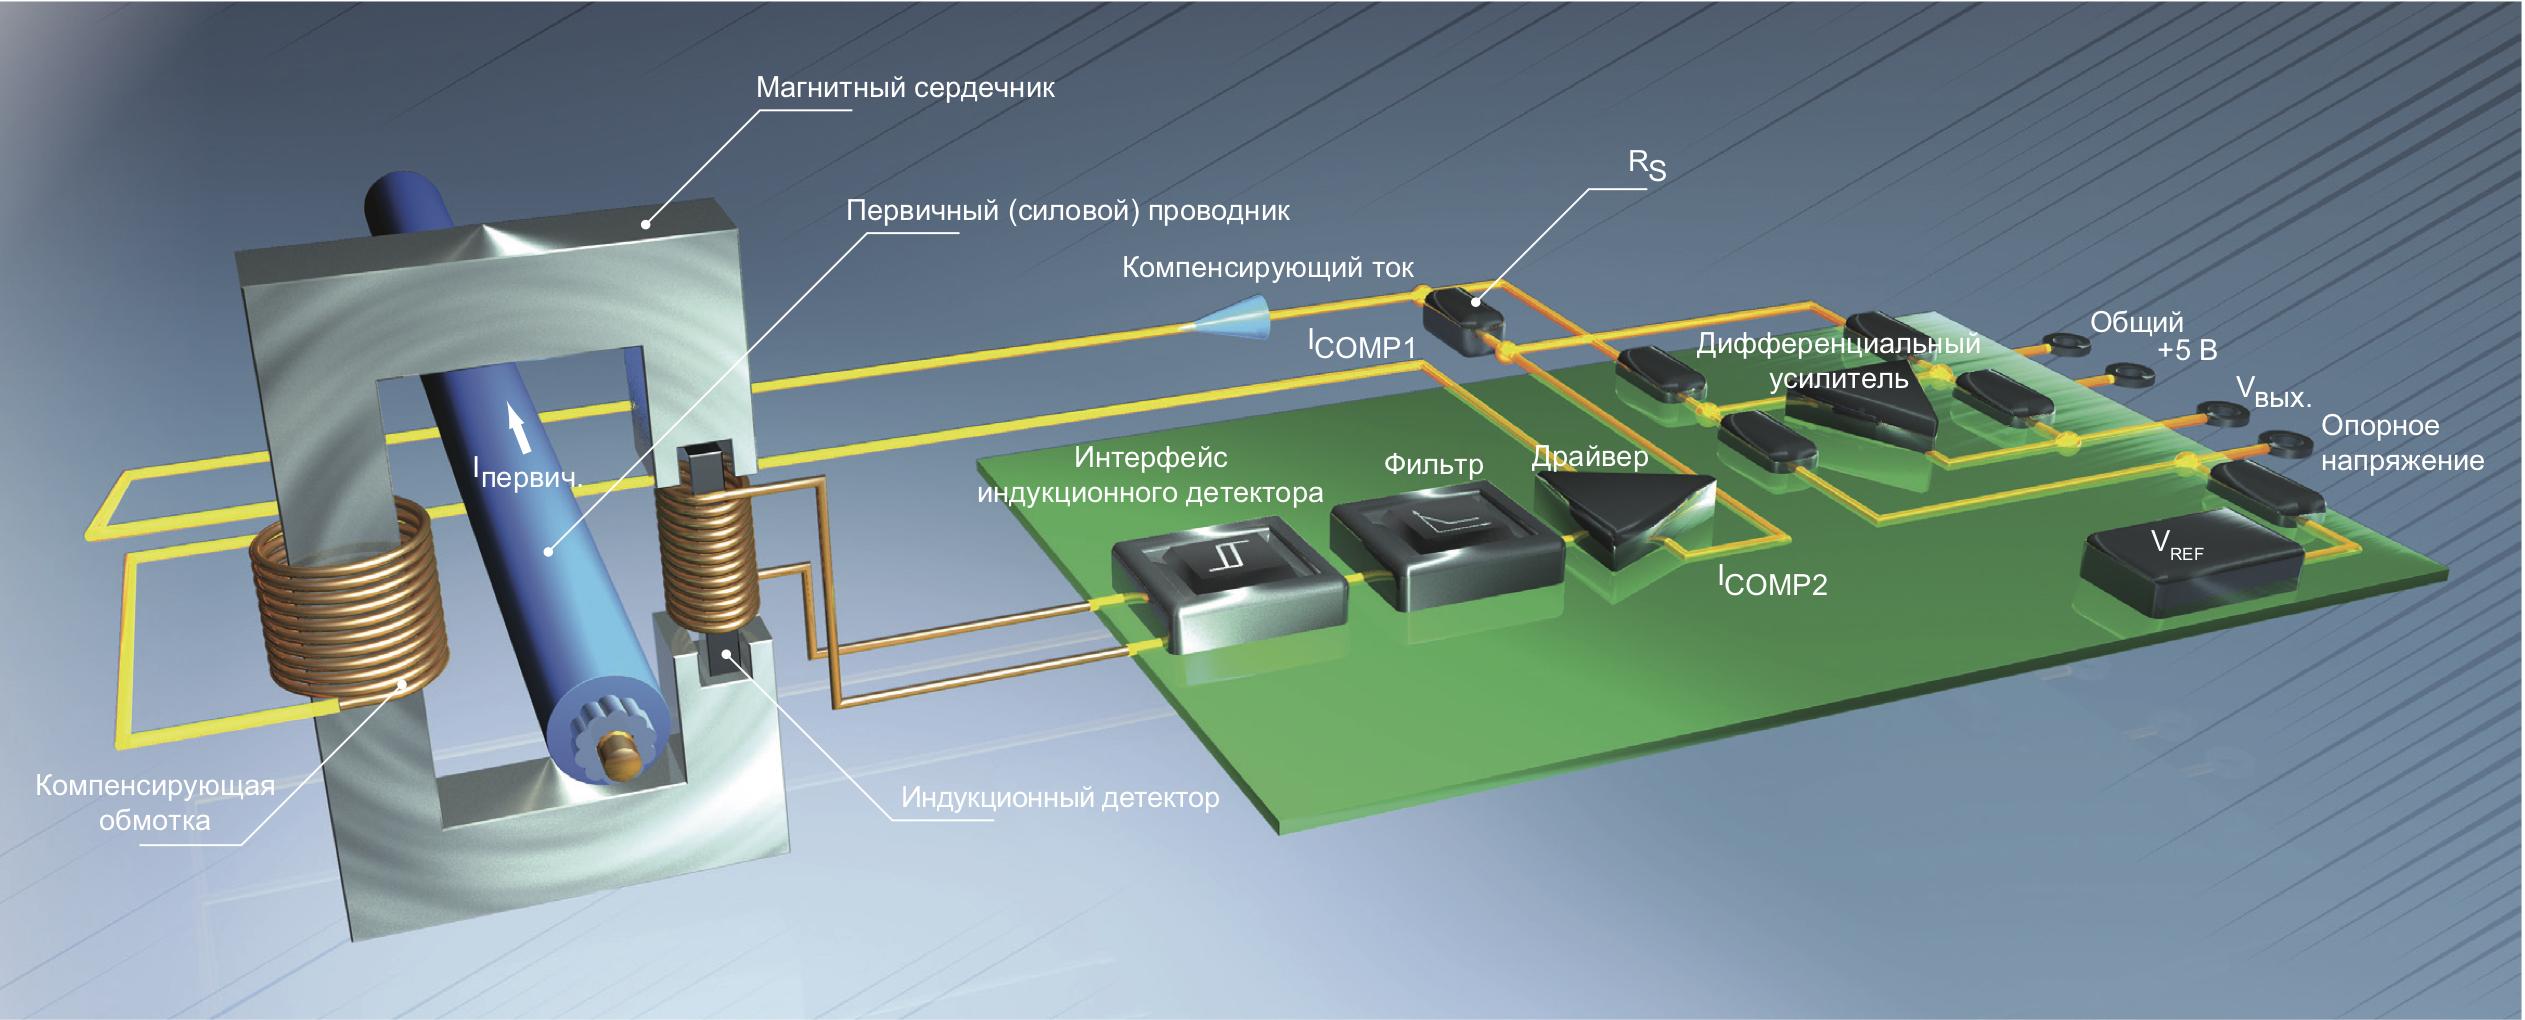 Преобразователь тока компенсационного типа с индукционным детектором